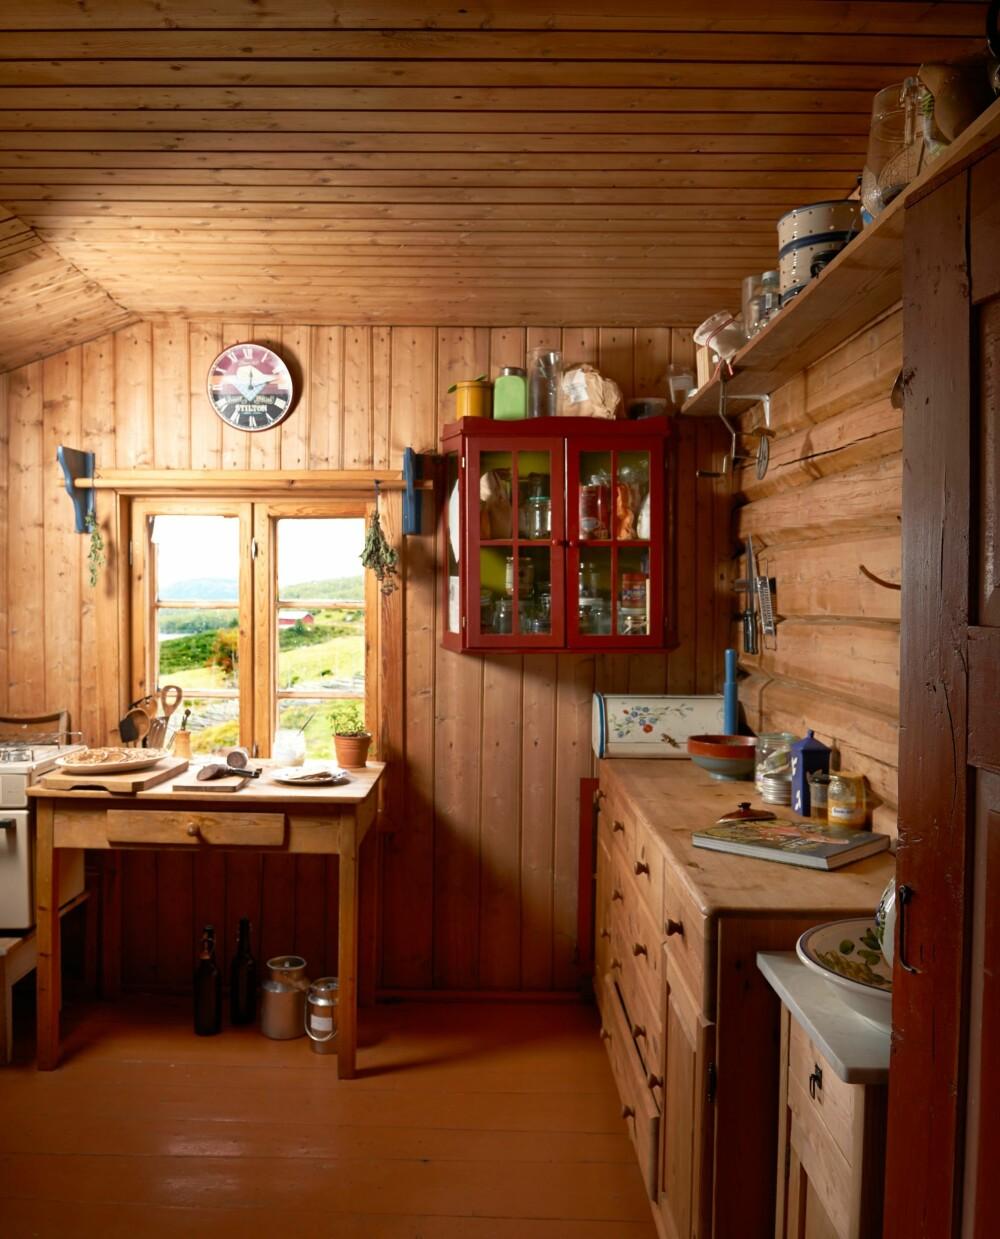 DER DET ER HJERTEROM:  Kjøkkenet er uten gardiner, tekniske hjelpemidler, bortsett fra en gasskomfyr, og uten innlagt vann og strøm. Men familien savner ingenting, bortsett fra et sted besøkende kan samles. Det kan bli litt trangt i selet når 60 – 80 gjester ankommer.